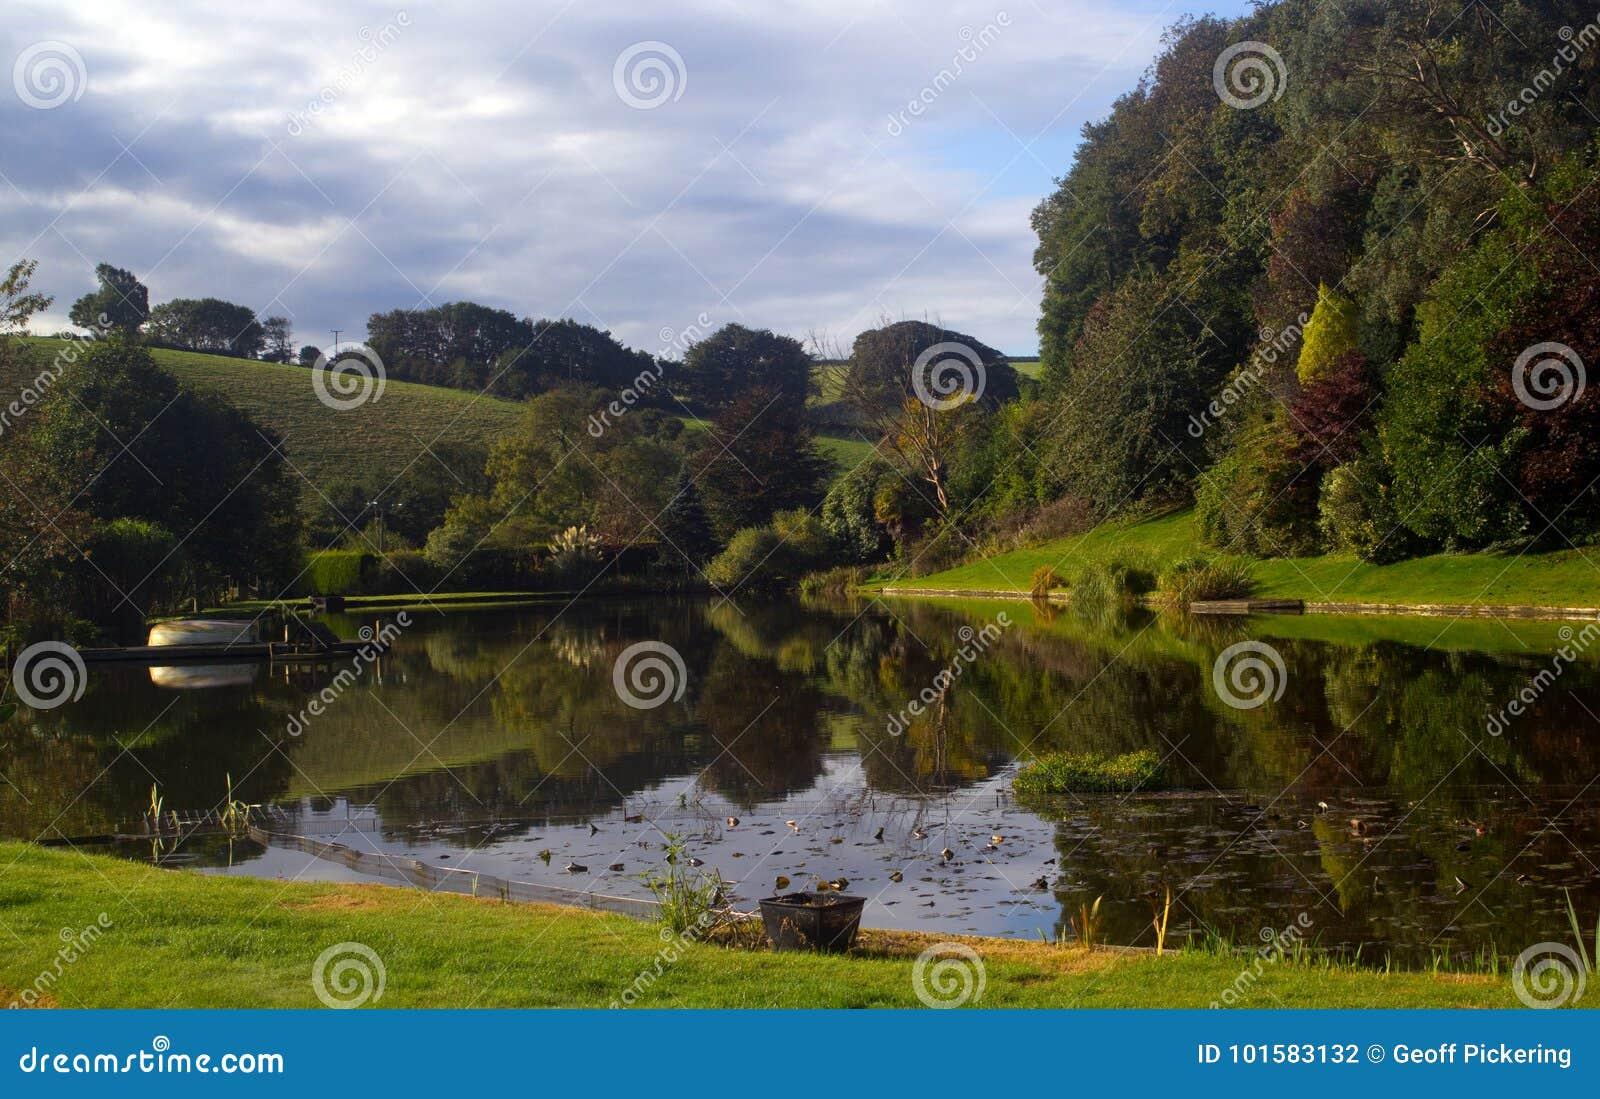 Grov fiske sjö